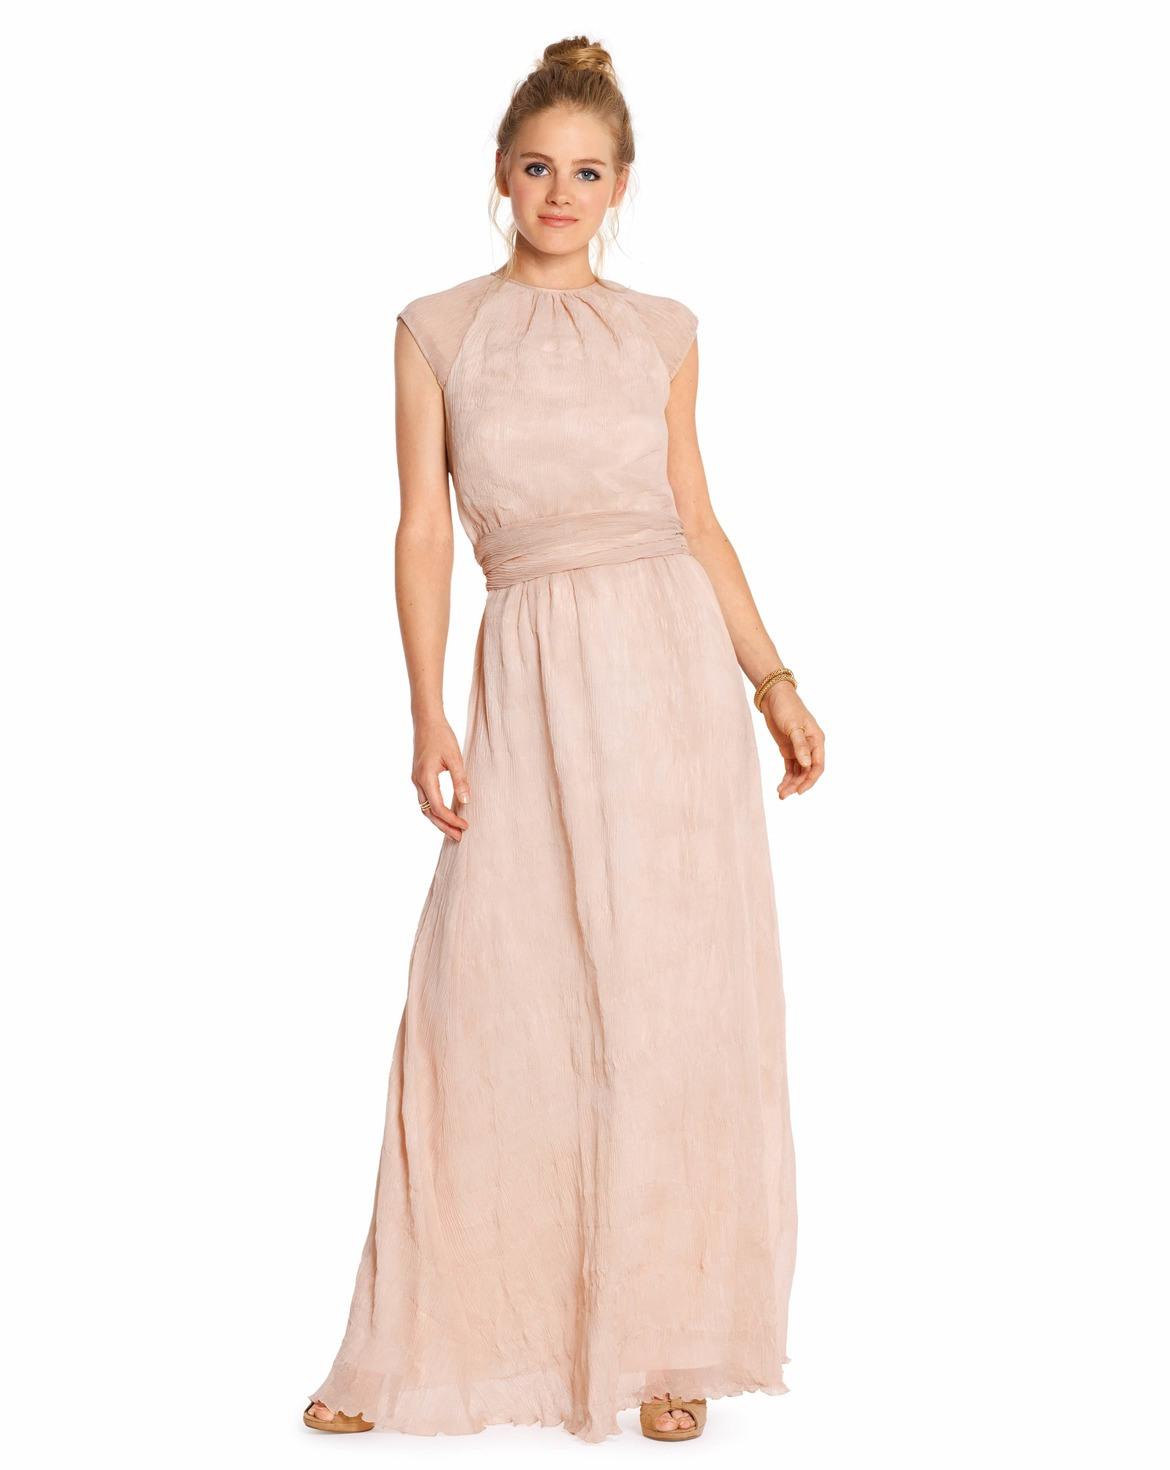 Designer Genial Abendkleid Selber Nähen DesignDesigner Großartig Abendkleid Selber Nähen Ärmel